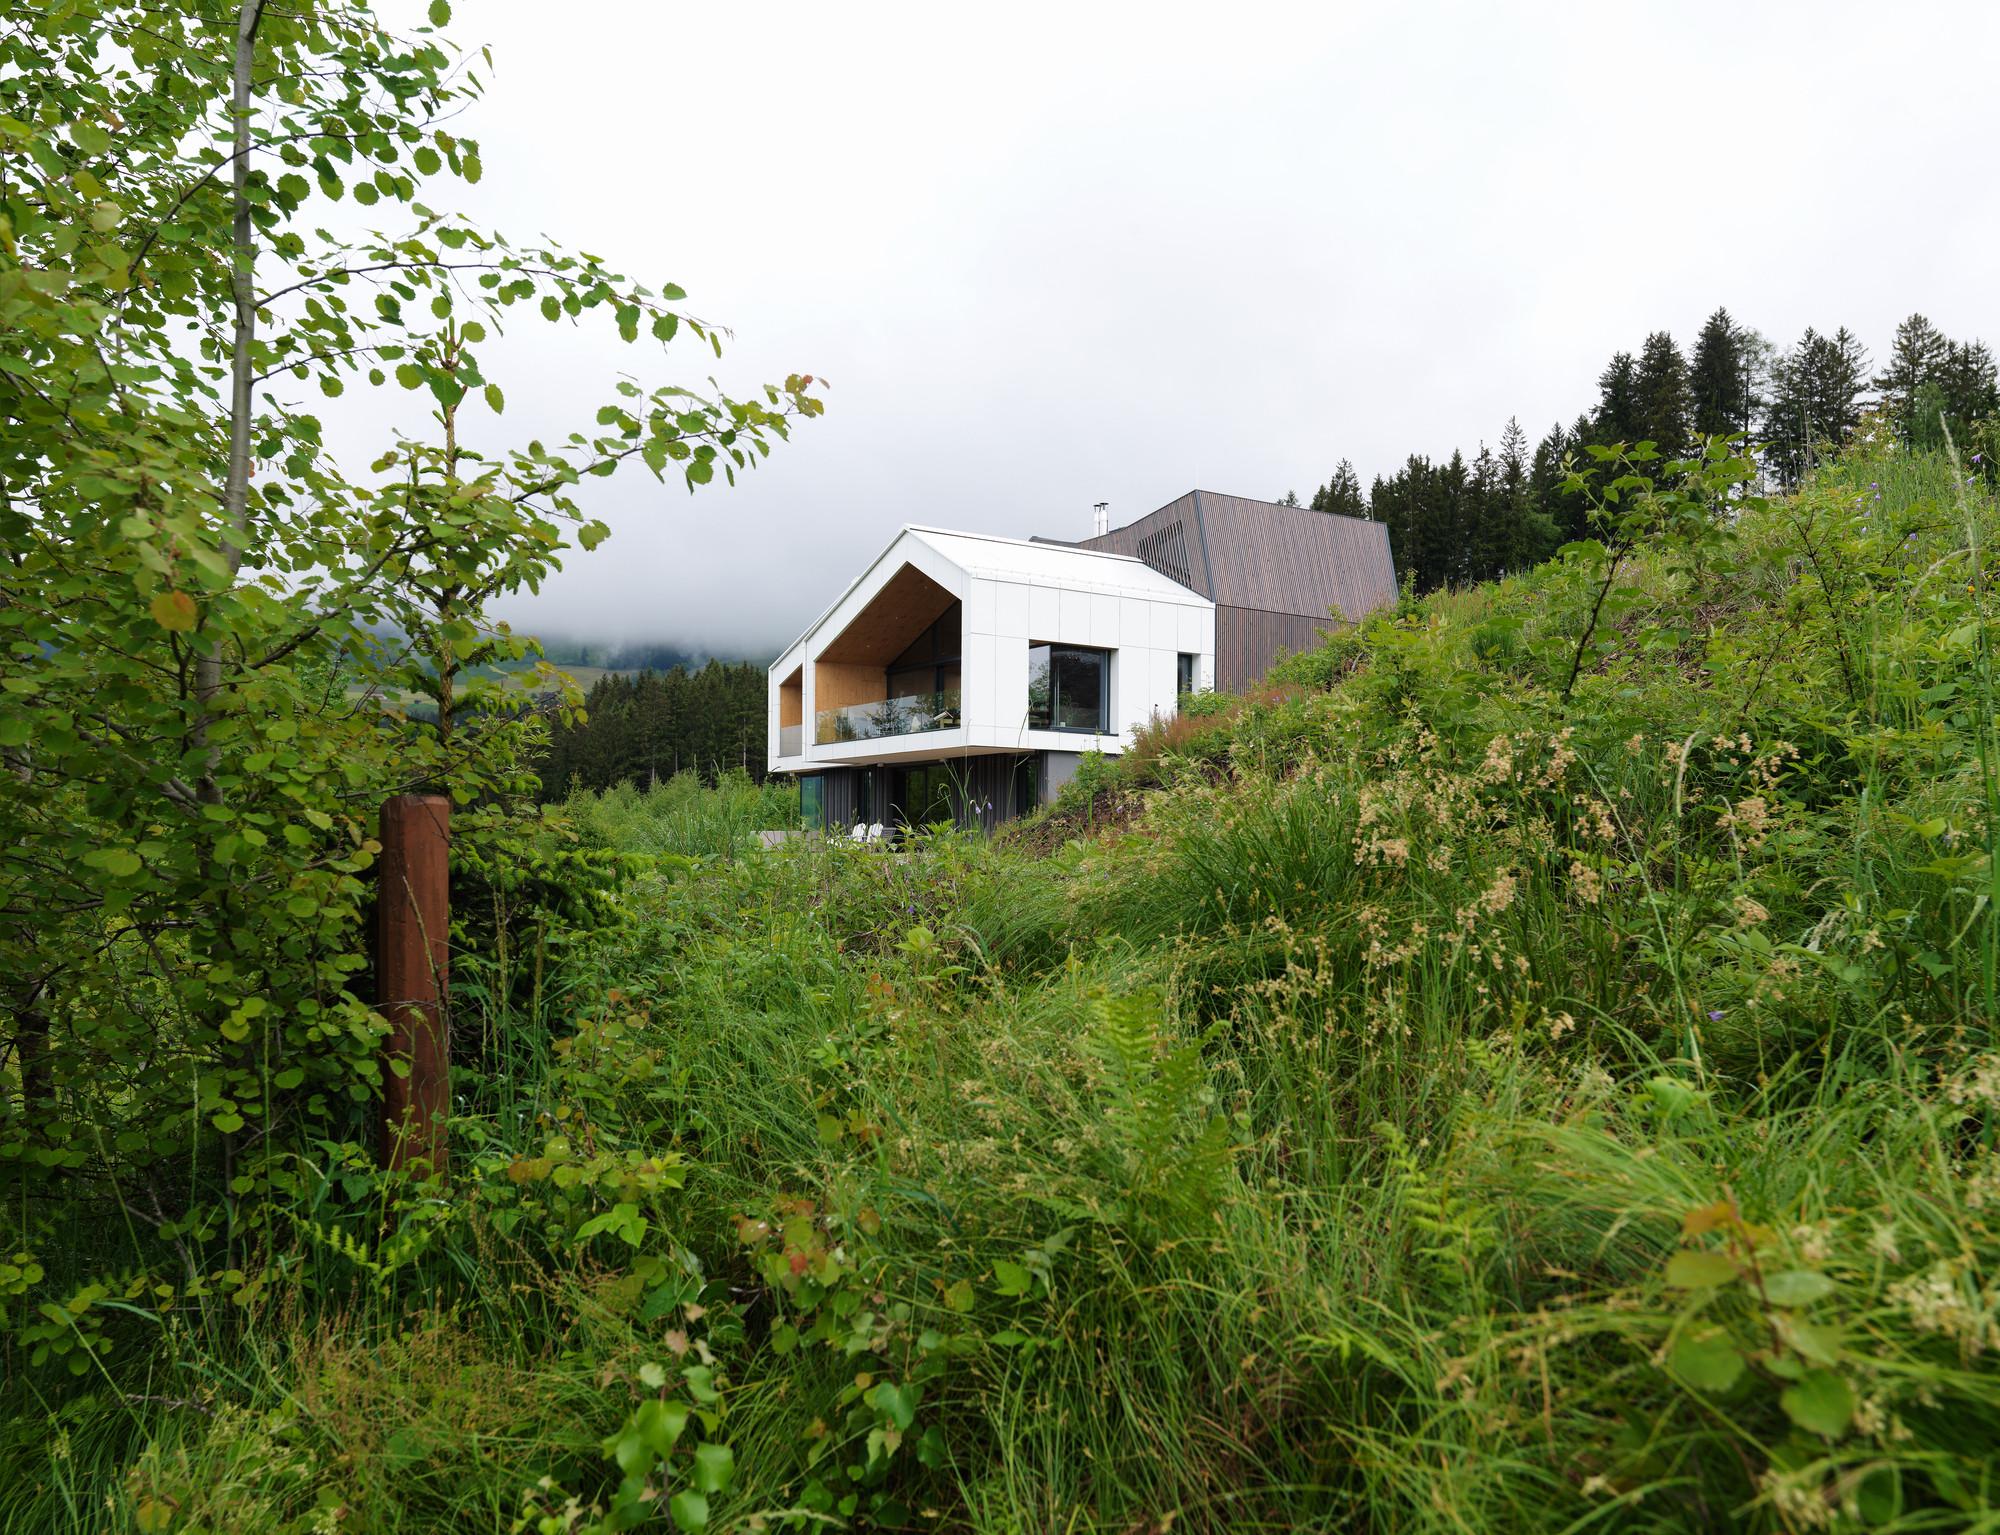 Mountain-View House / SoNo arhitekti, Courtesy of SoNo arhitekti